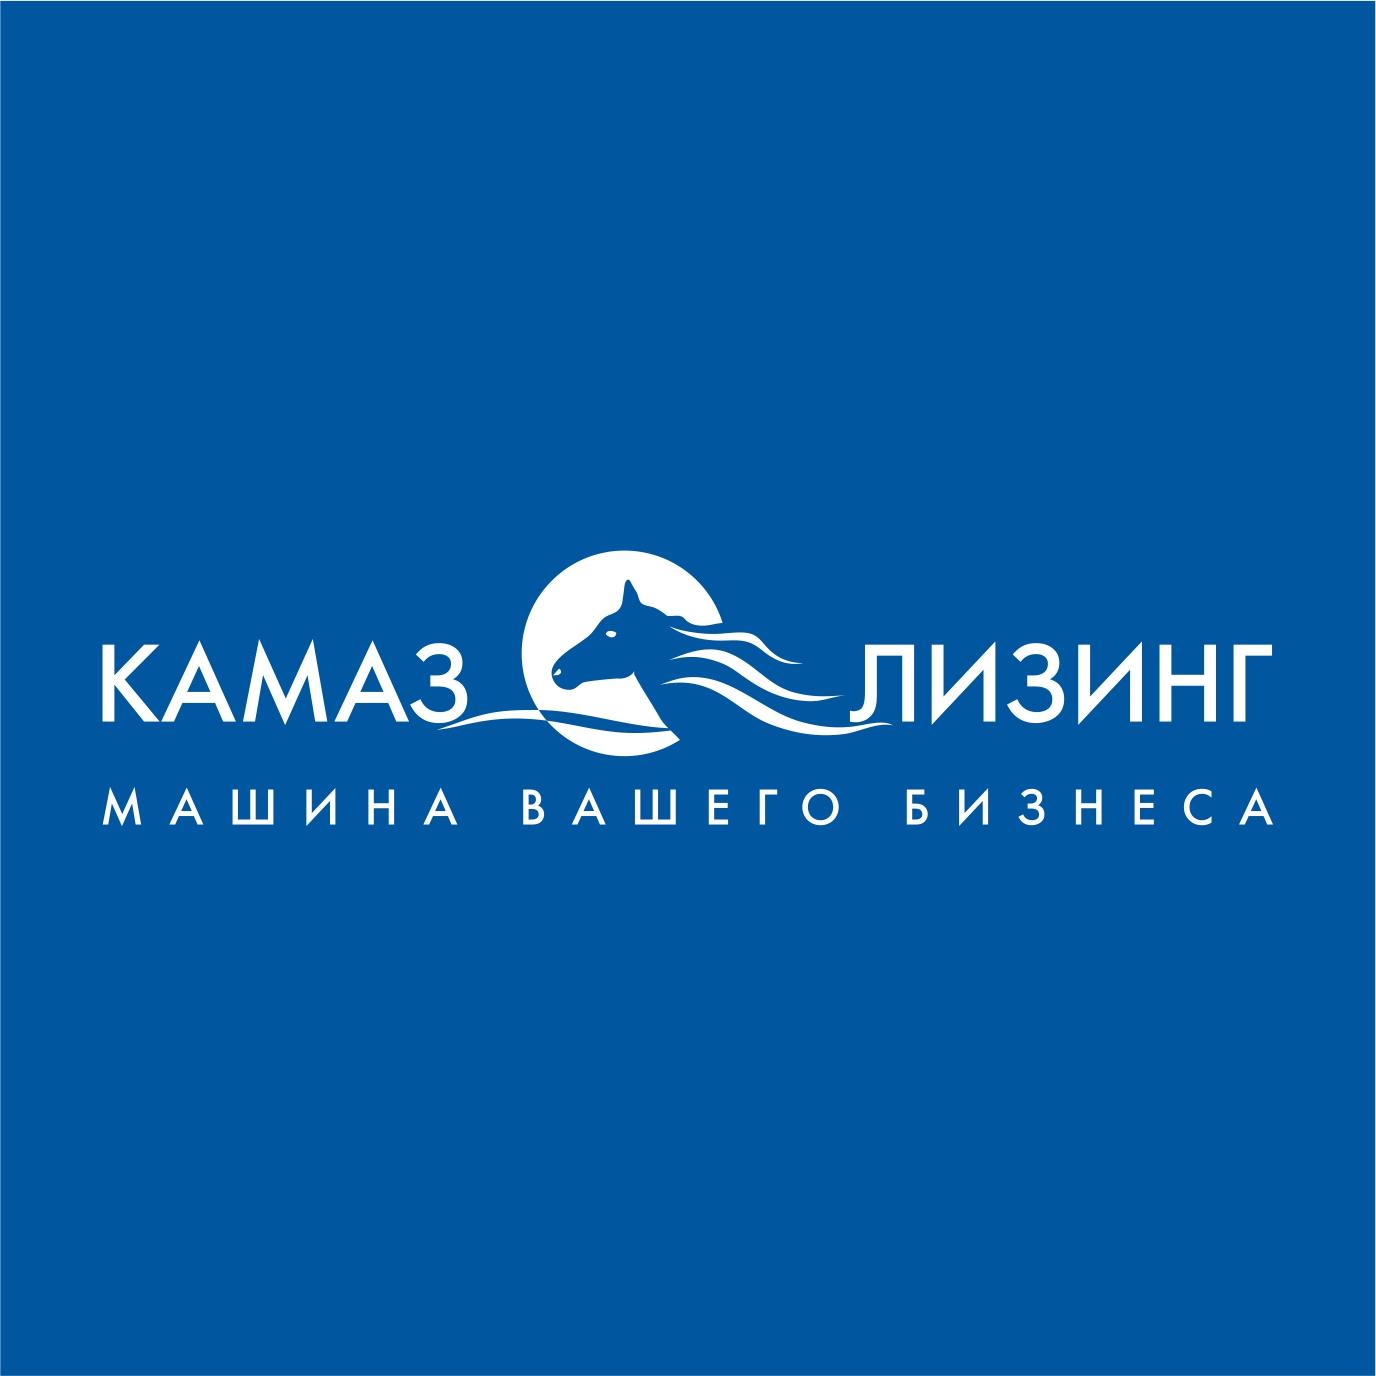 СПЕЦИАЛЬНЫЙ ЛИЗИНГОВЫЙ ПРОДУКТ ДЛЯ ДИЛЕРОВ «КАМАЗА»